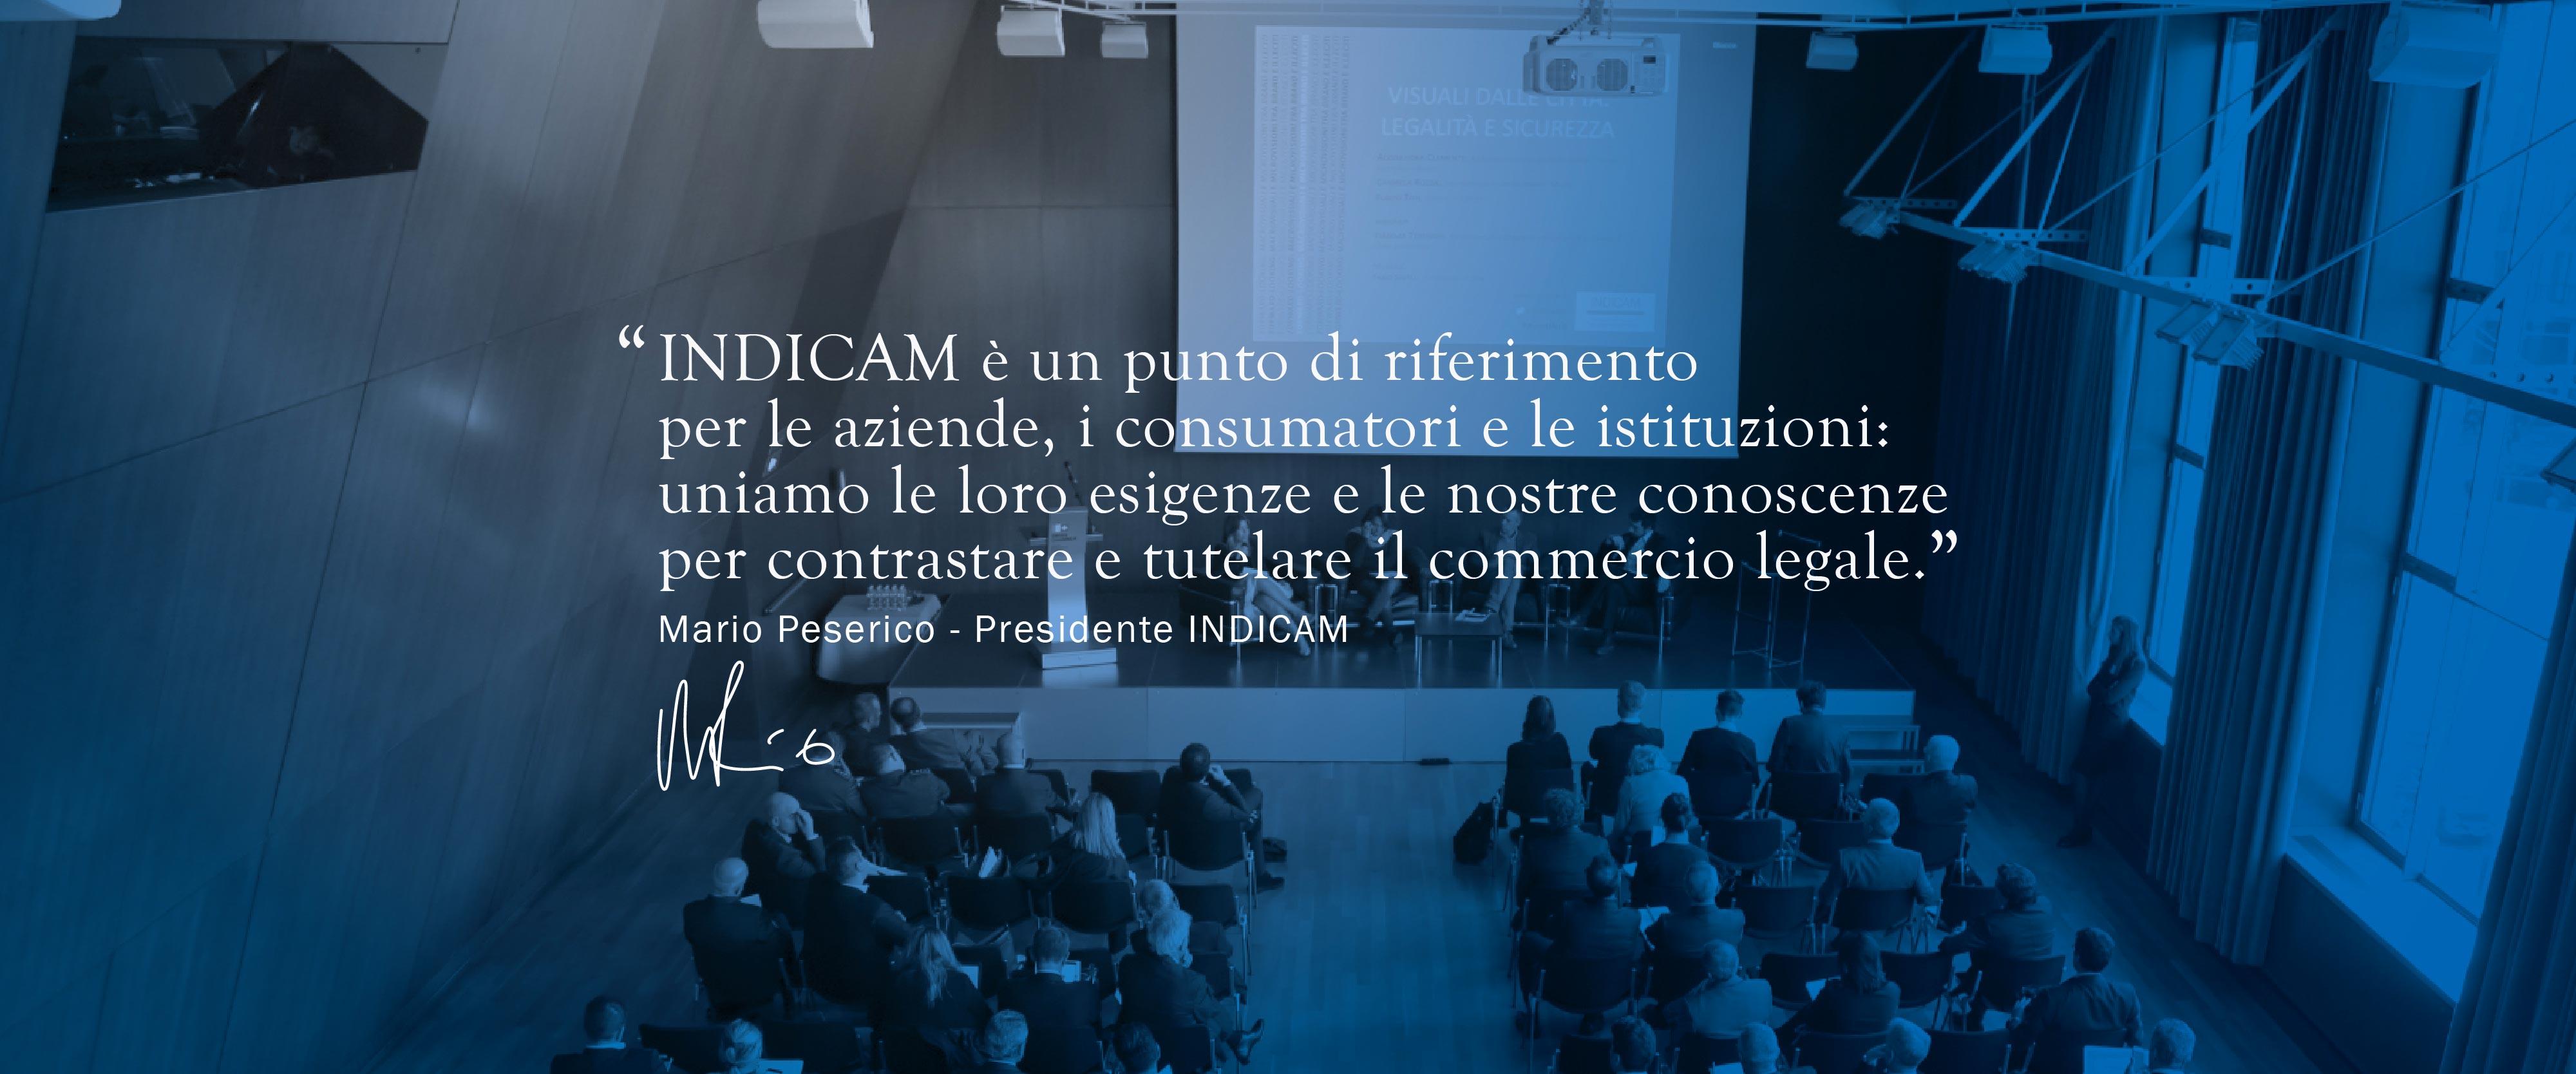 indicam 2